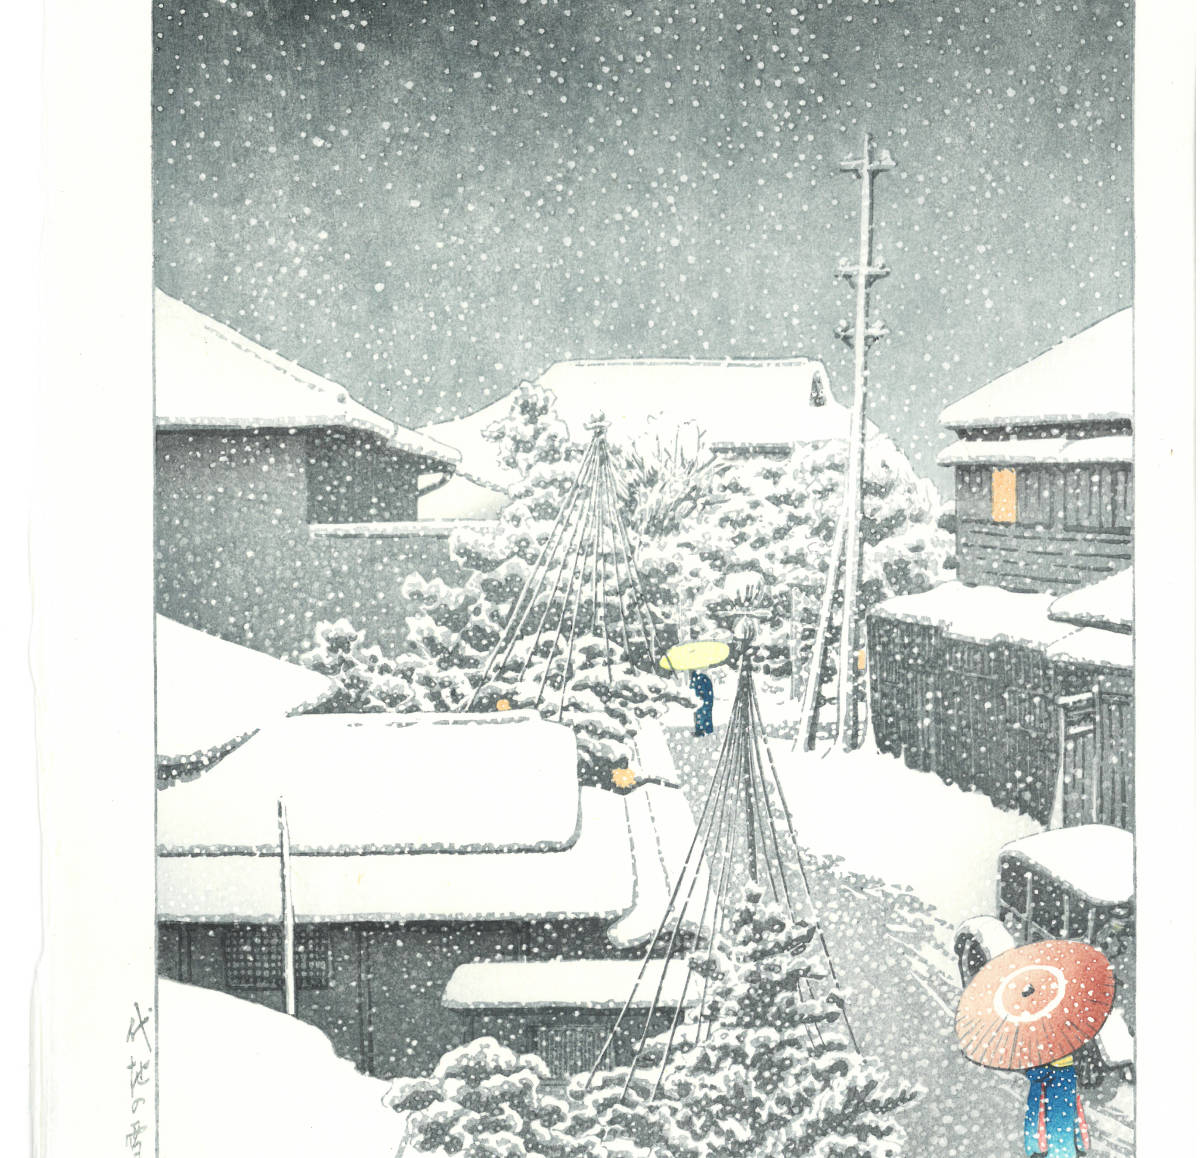 川瀬巴水 木版画  HKS-16 代地の雪  初版 1925年 大正14年2月 (新版画) 一流の摺師の技をご堪能下さい。_画像4